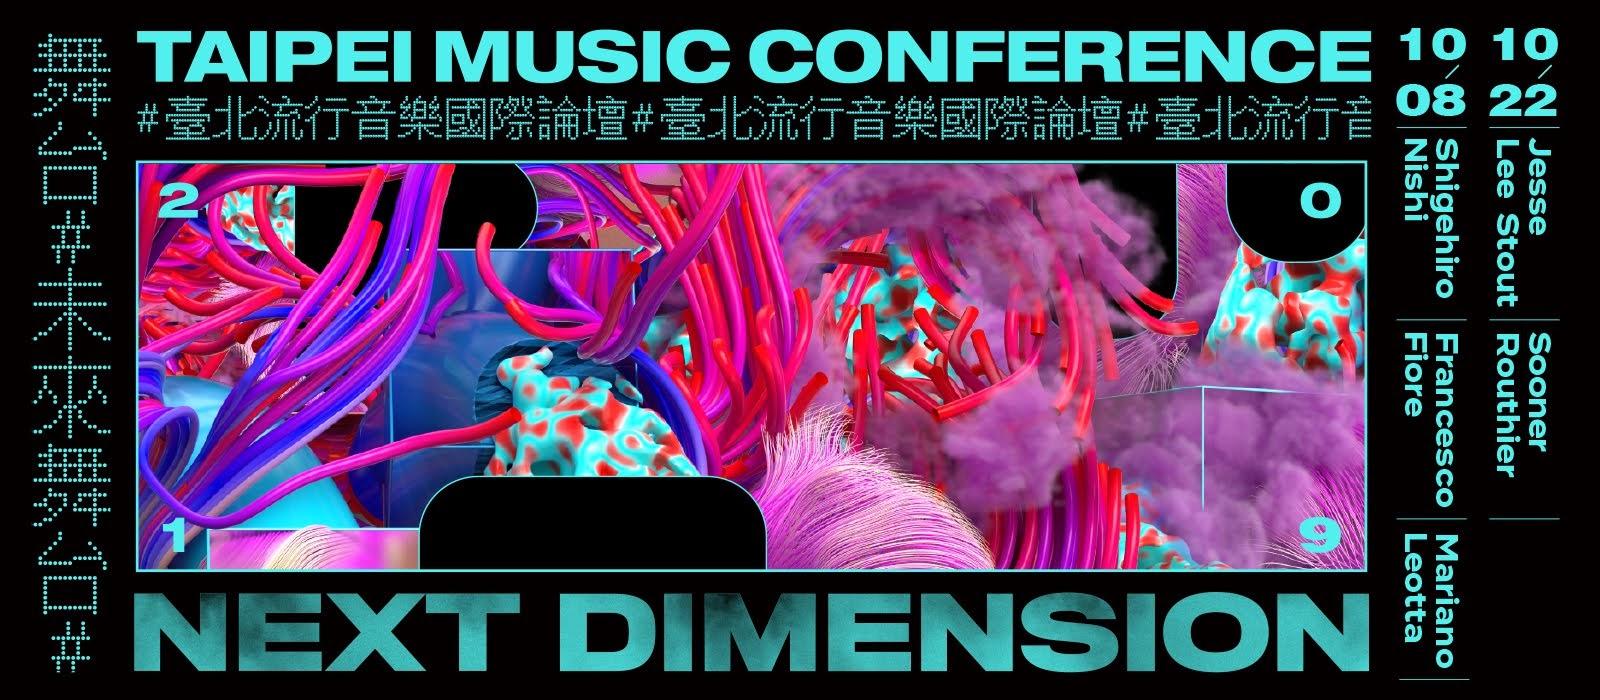 [迷迷音樂] 2019 臺北流行音樂國際論壇「未來舞台」9/18開放報名! 國際頂尖講師齊聚,共同激盪流行音樂的無限可能